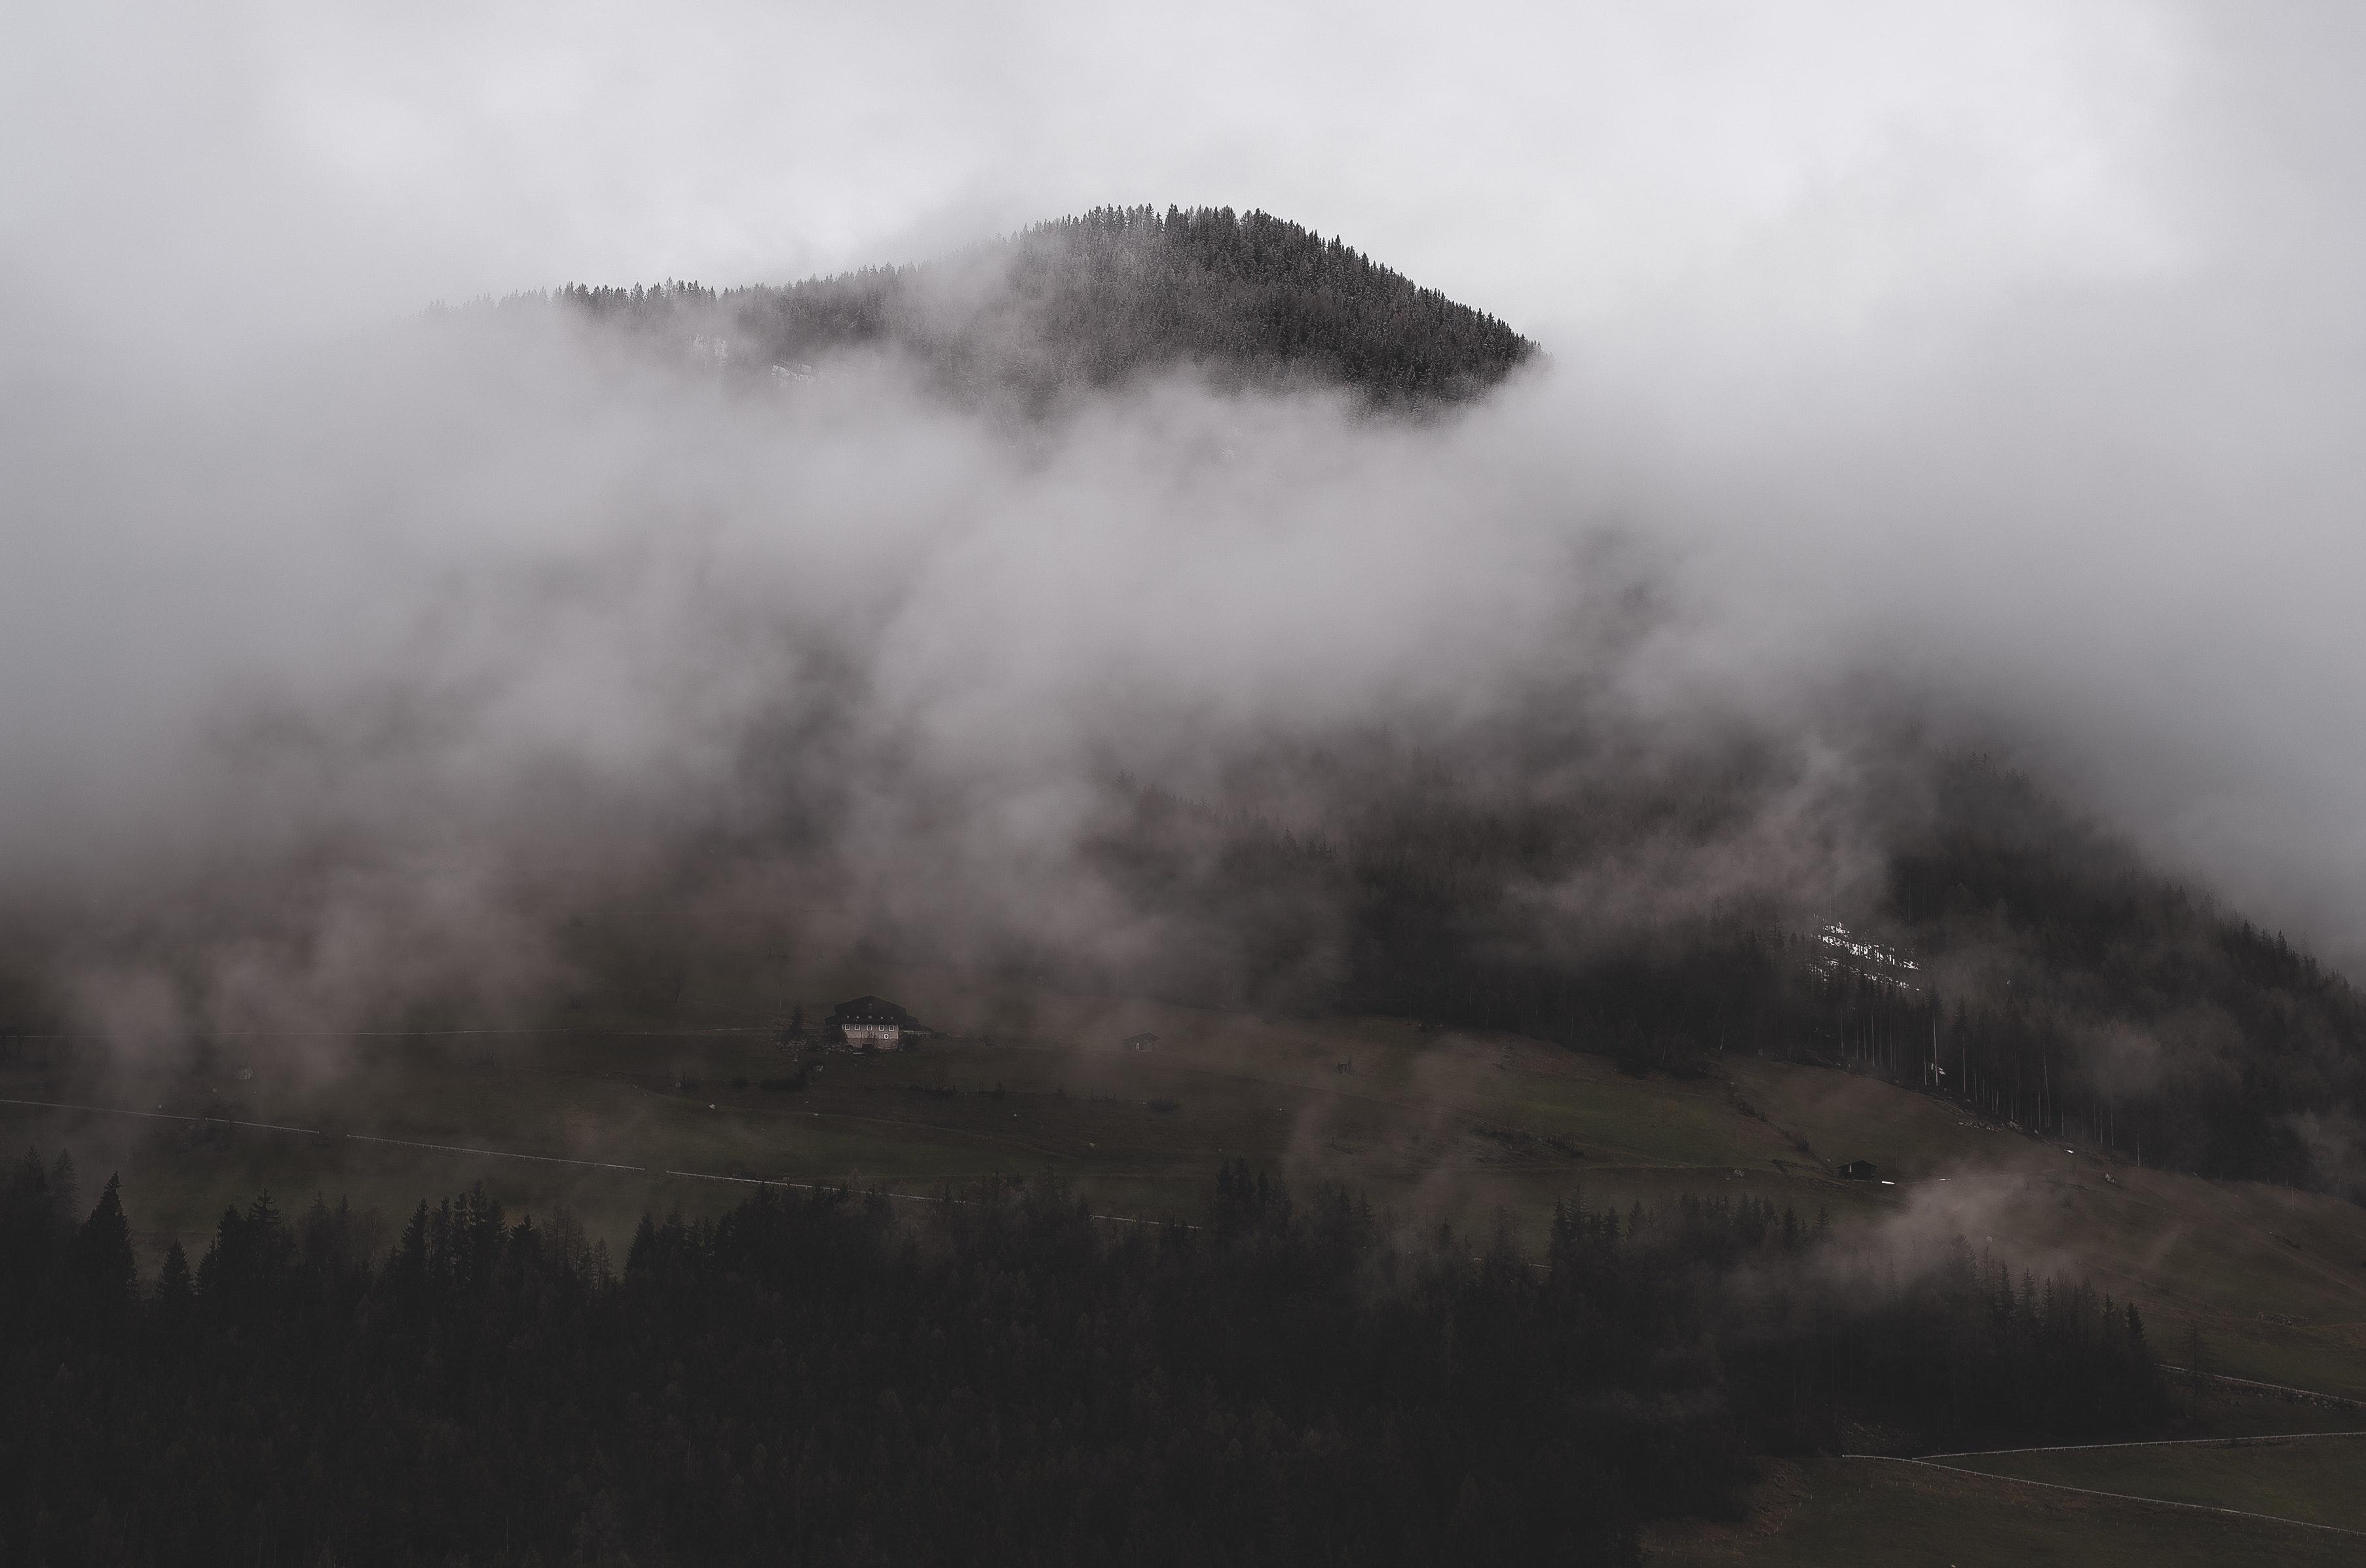 Free Images : cold, desktop wallpaper, fog, foggy, landscape, light